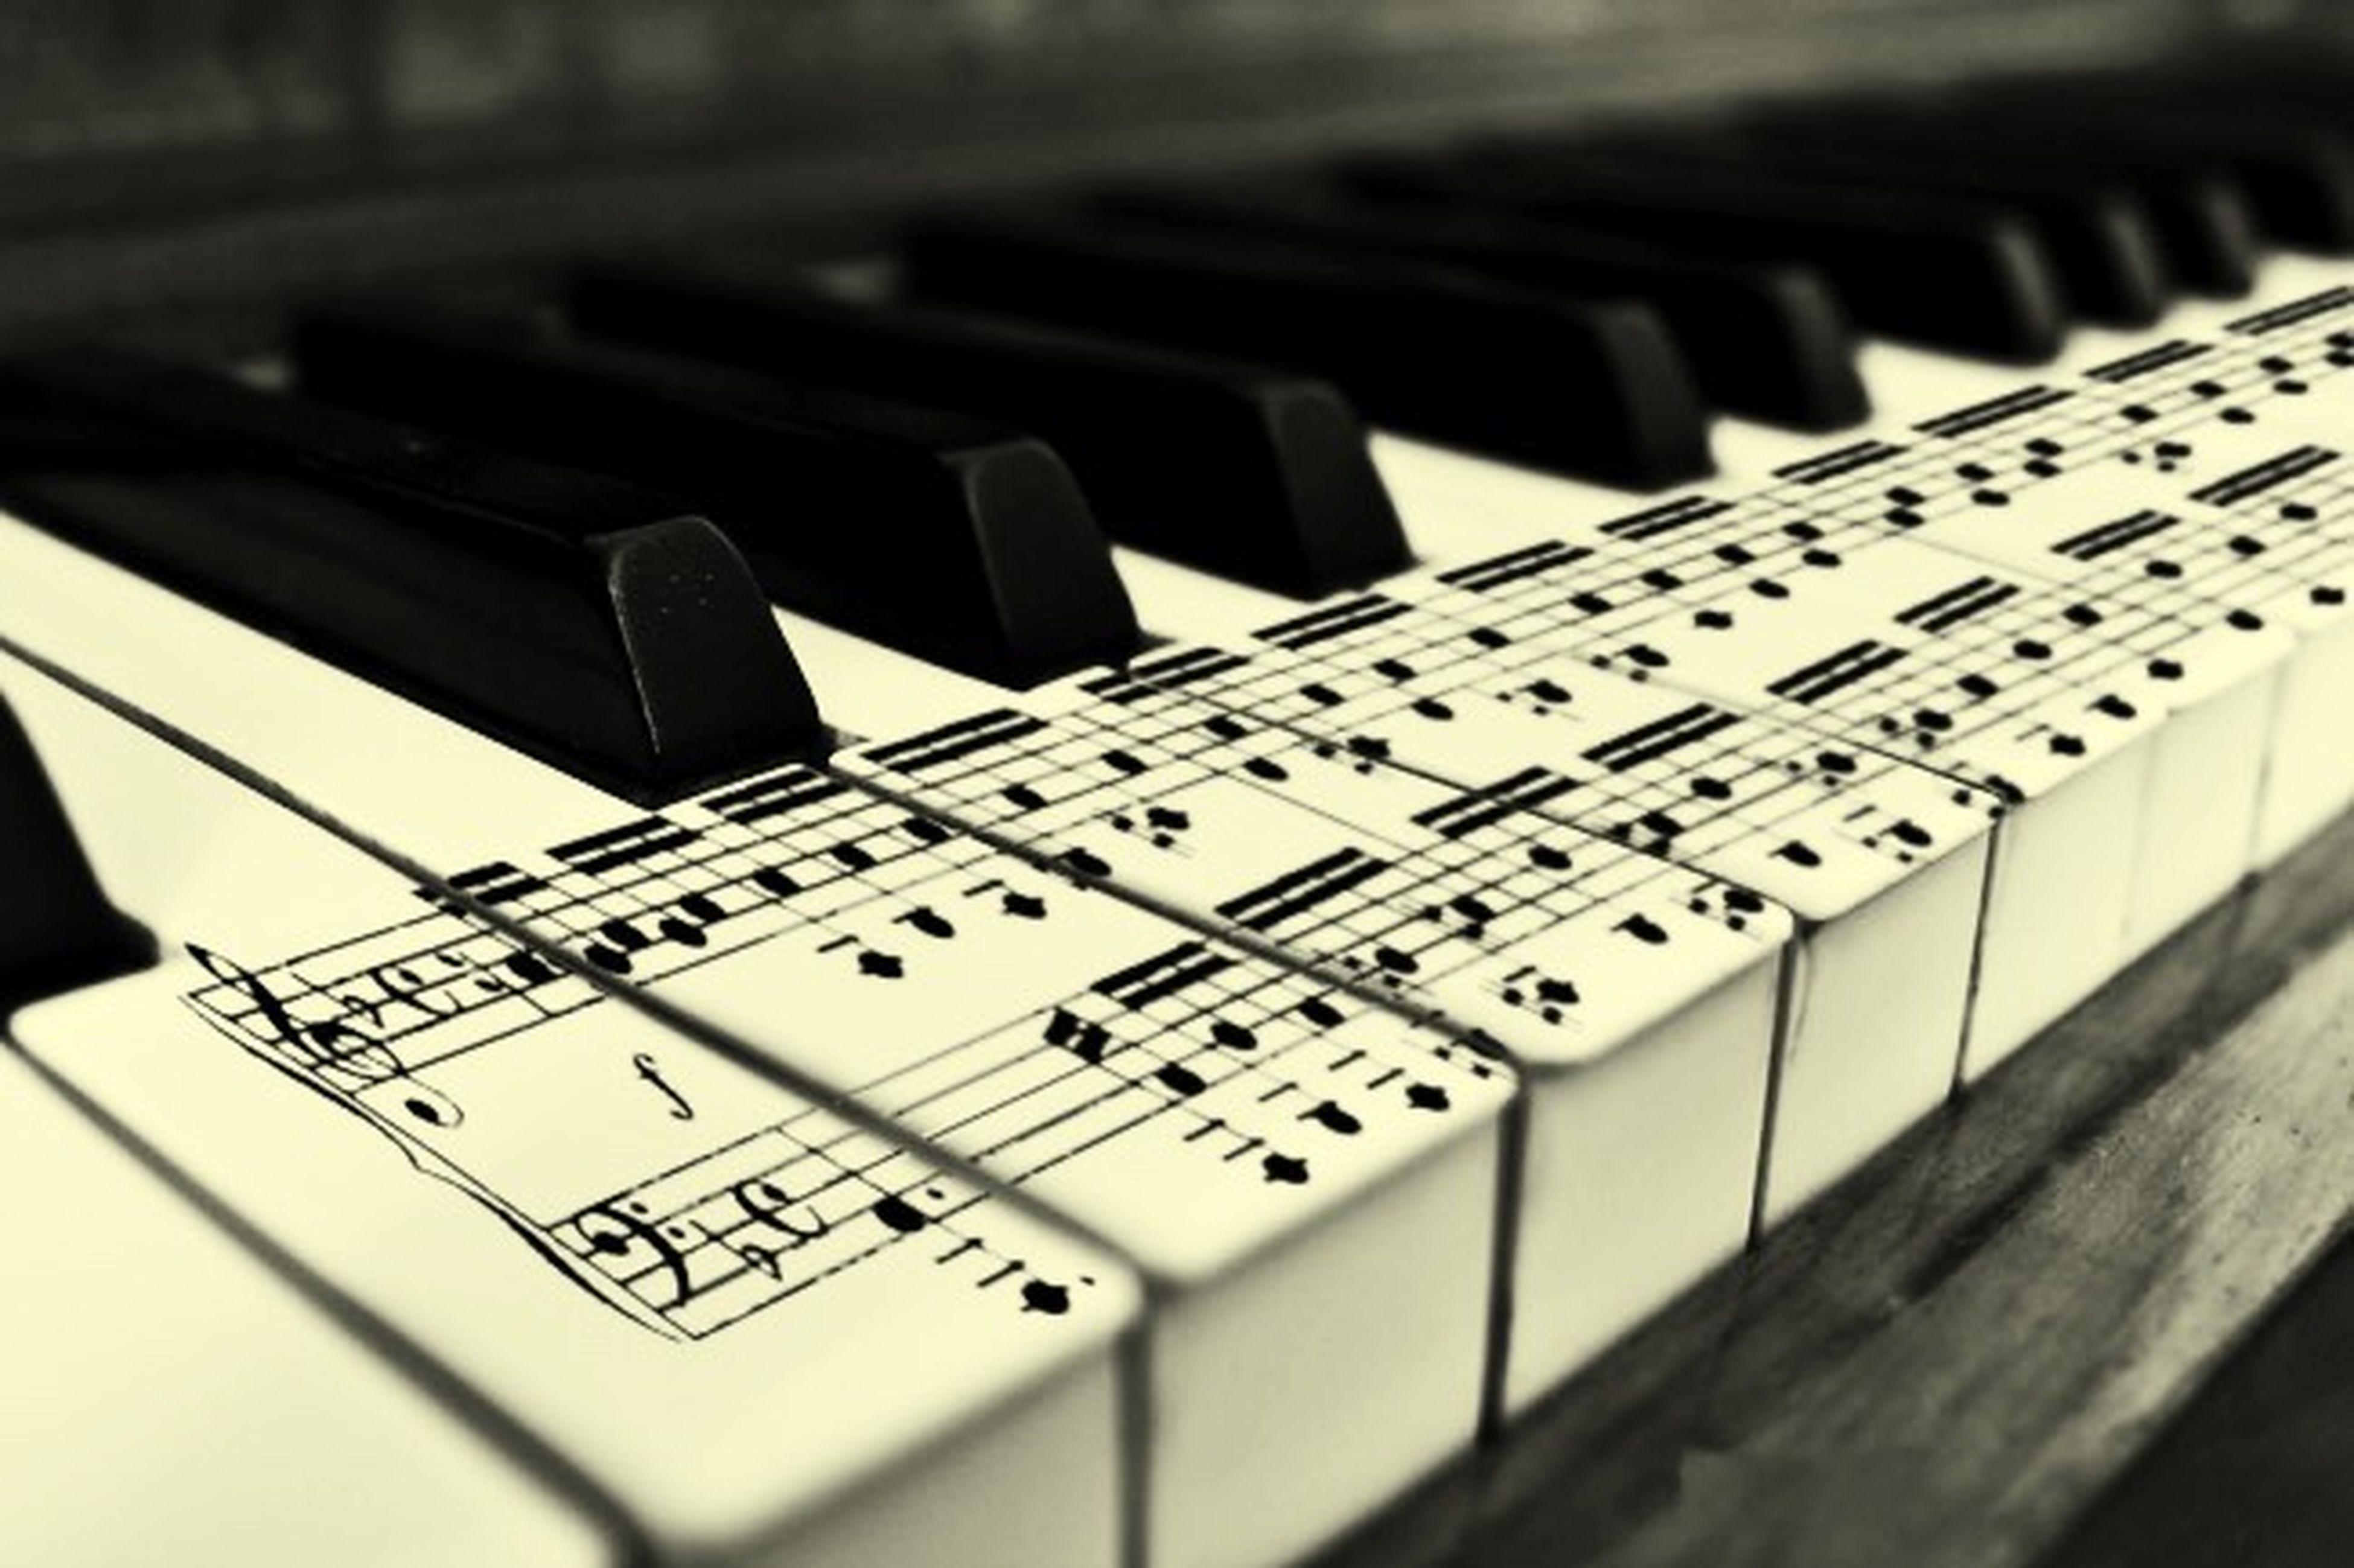 Suono Piano First Eyeem Photo